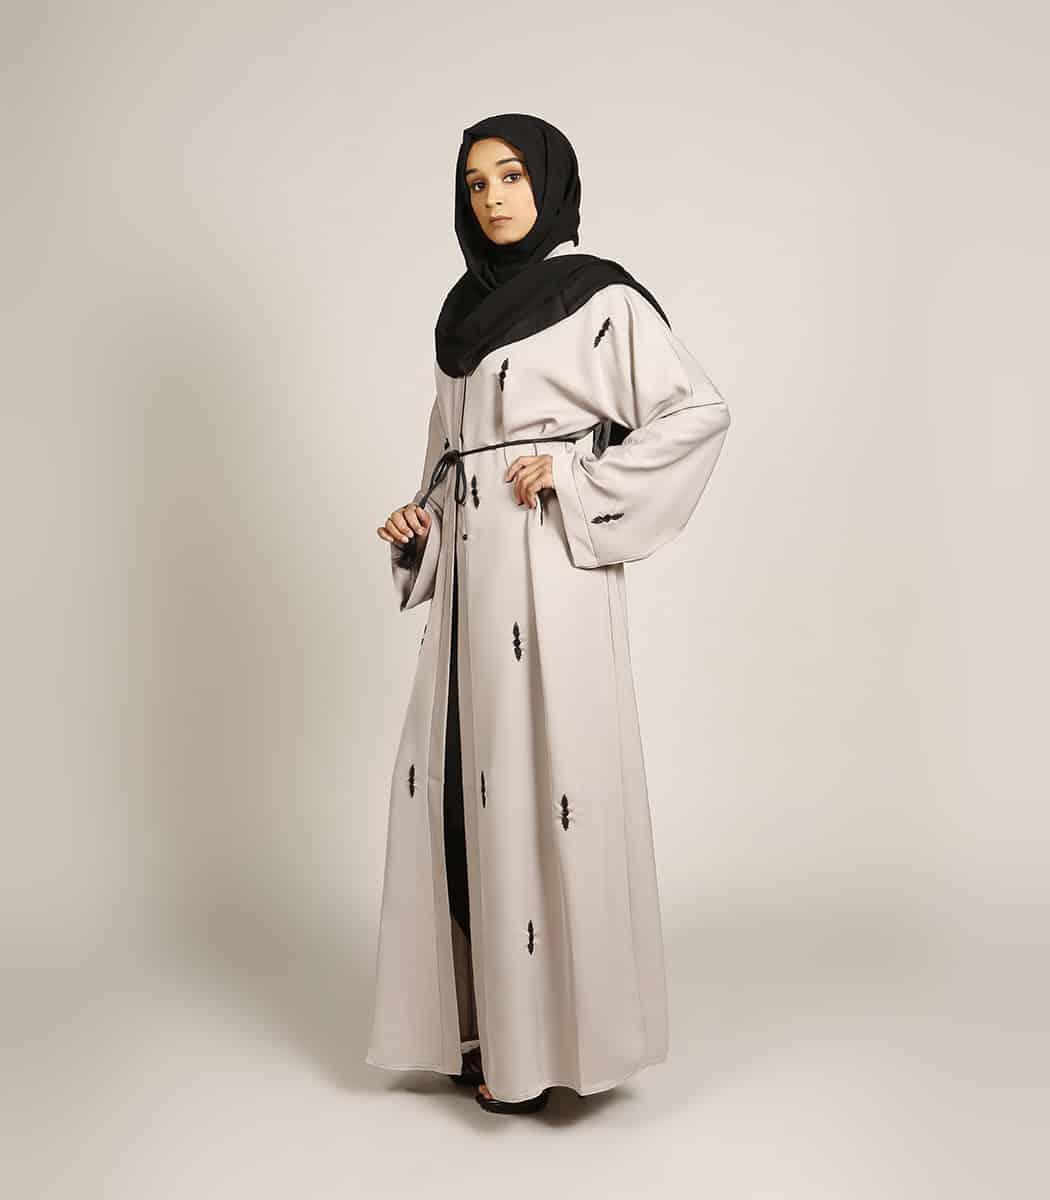 Baju Muslim Hitam Putih Thegorbalsla